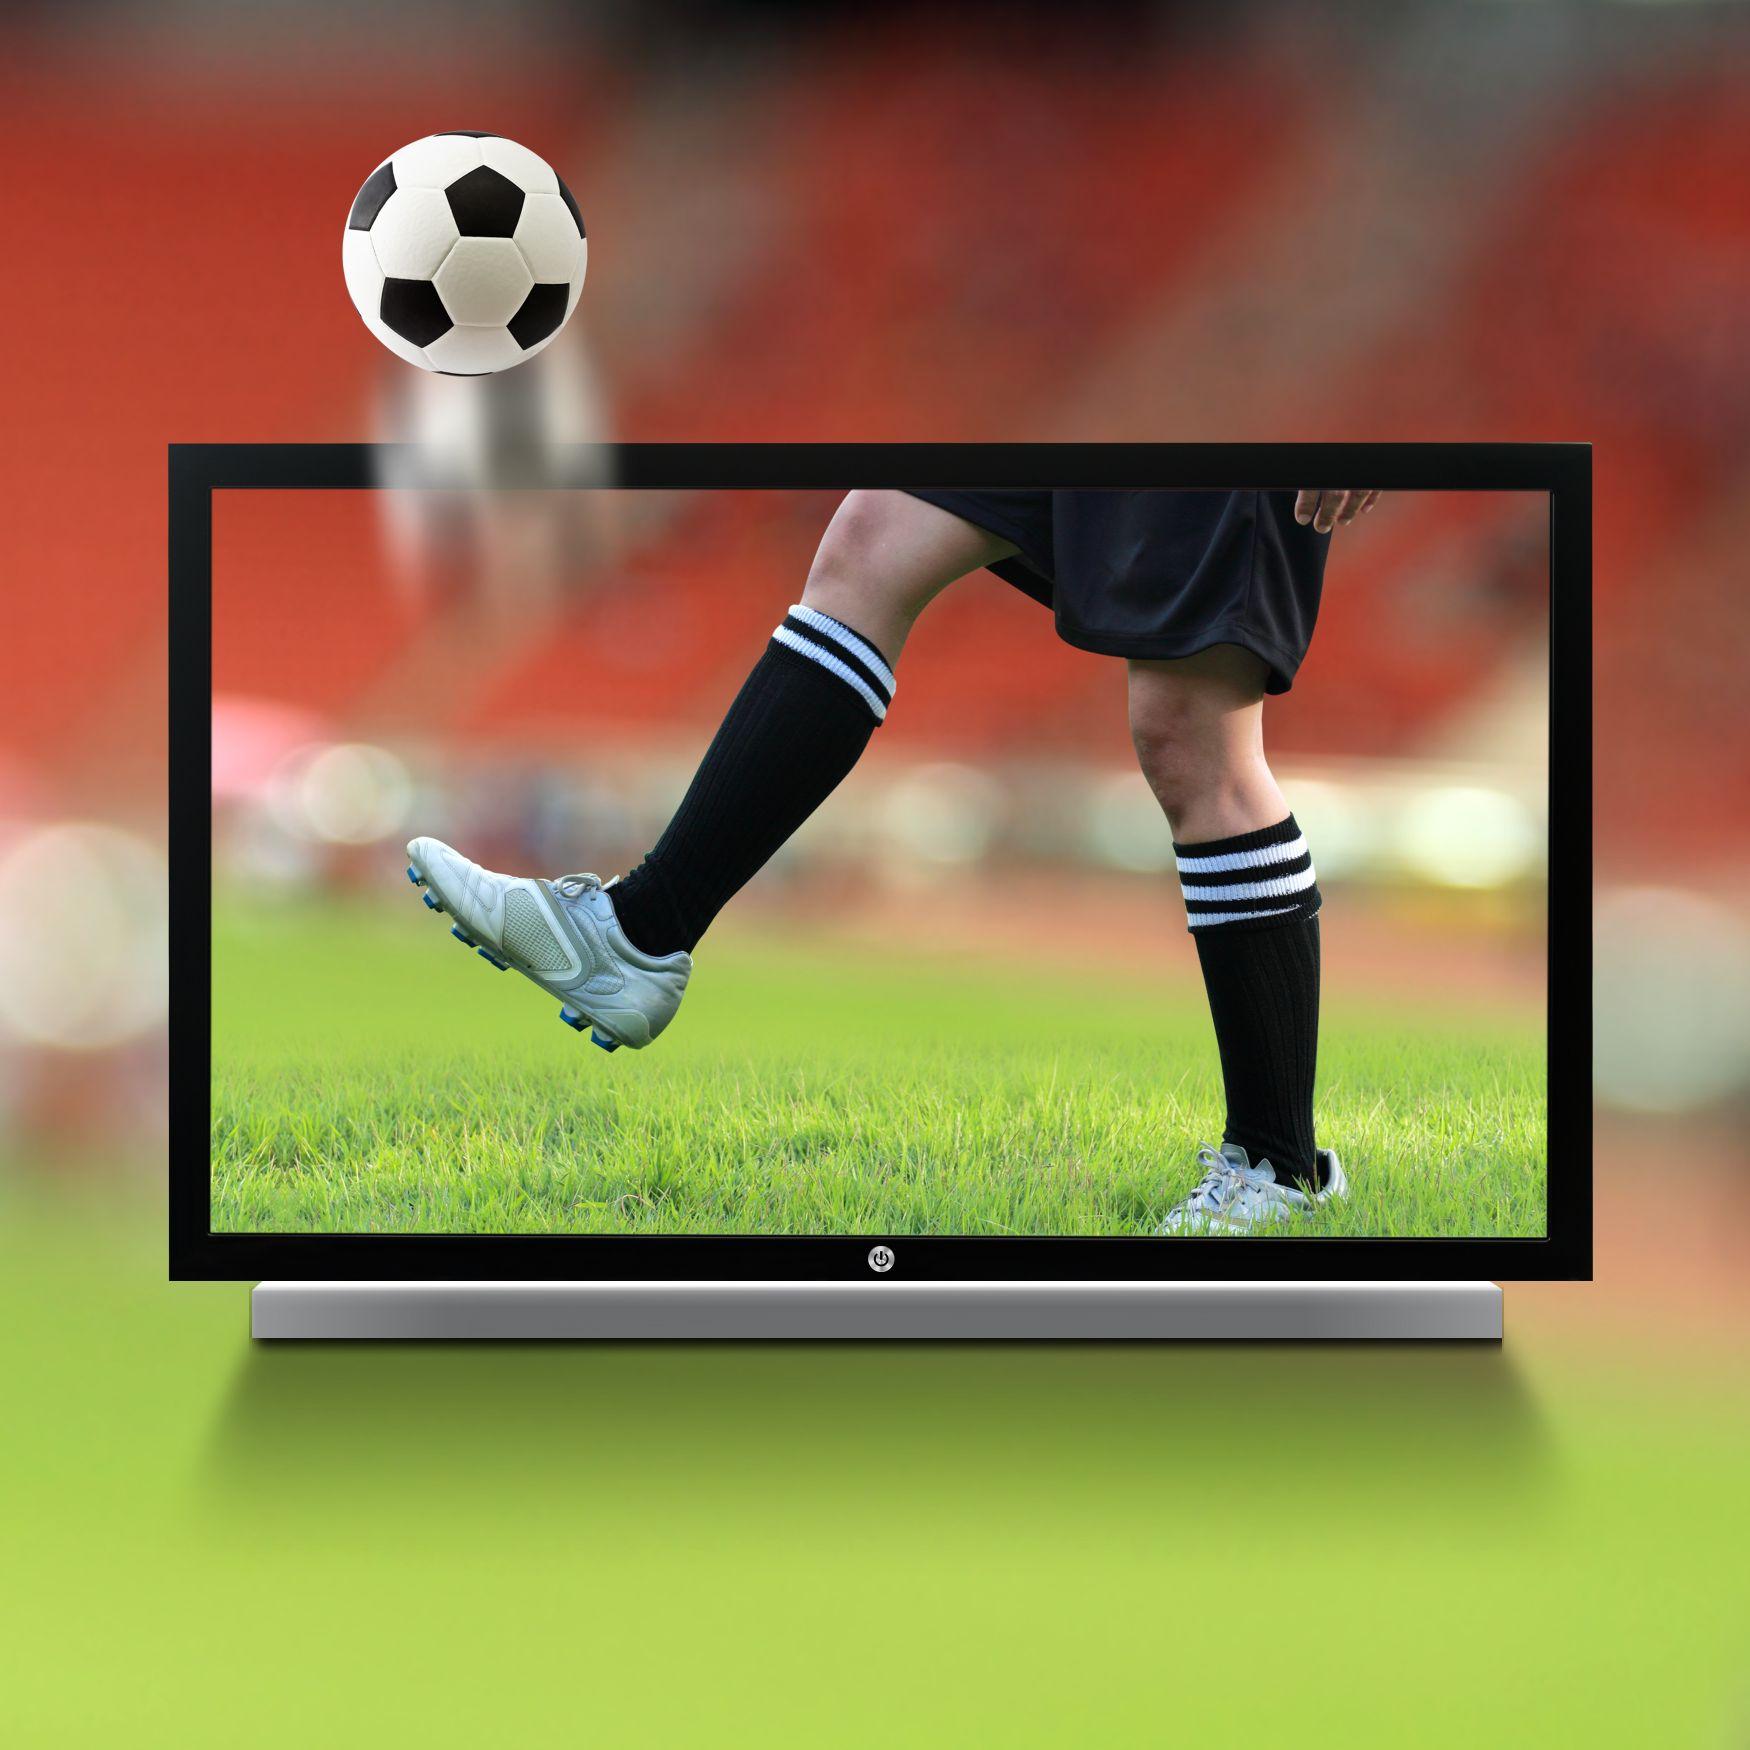 voetbal op tv vanavond